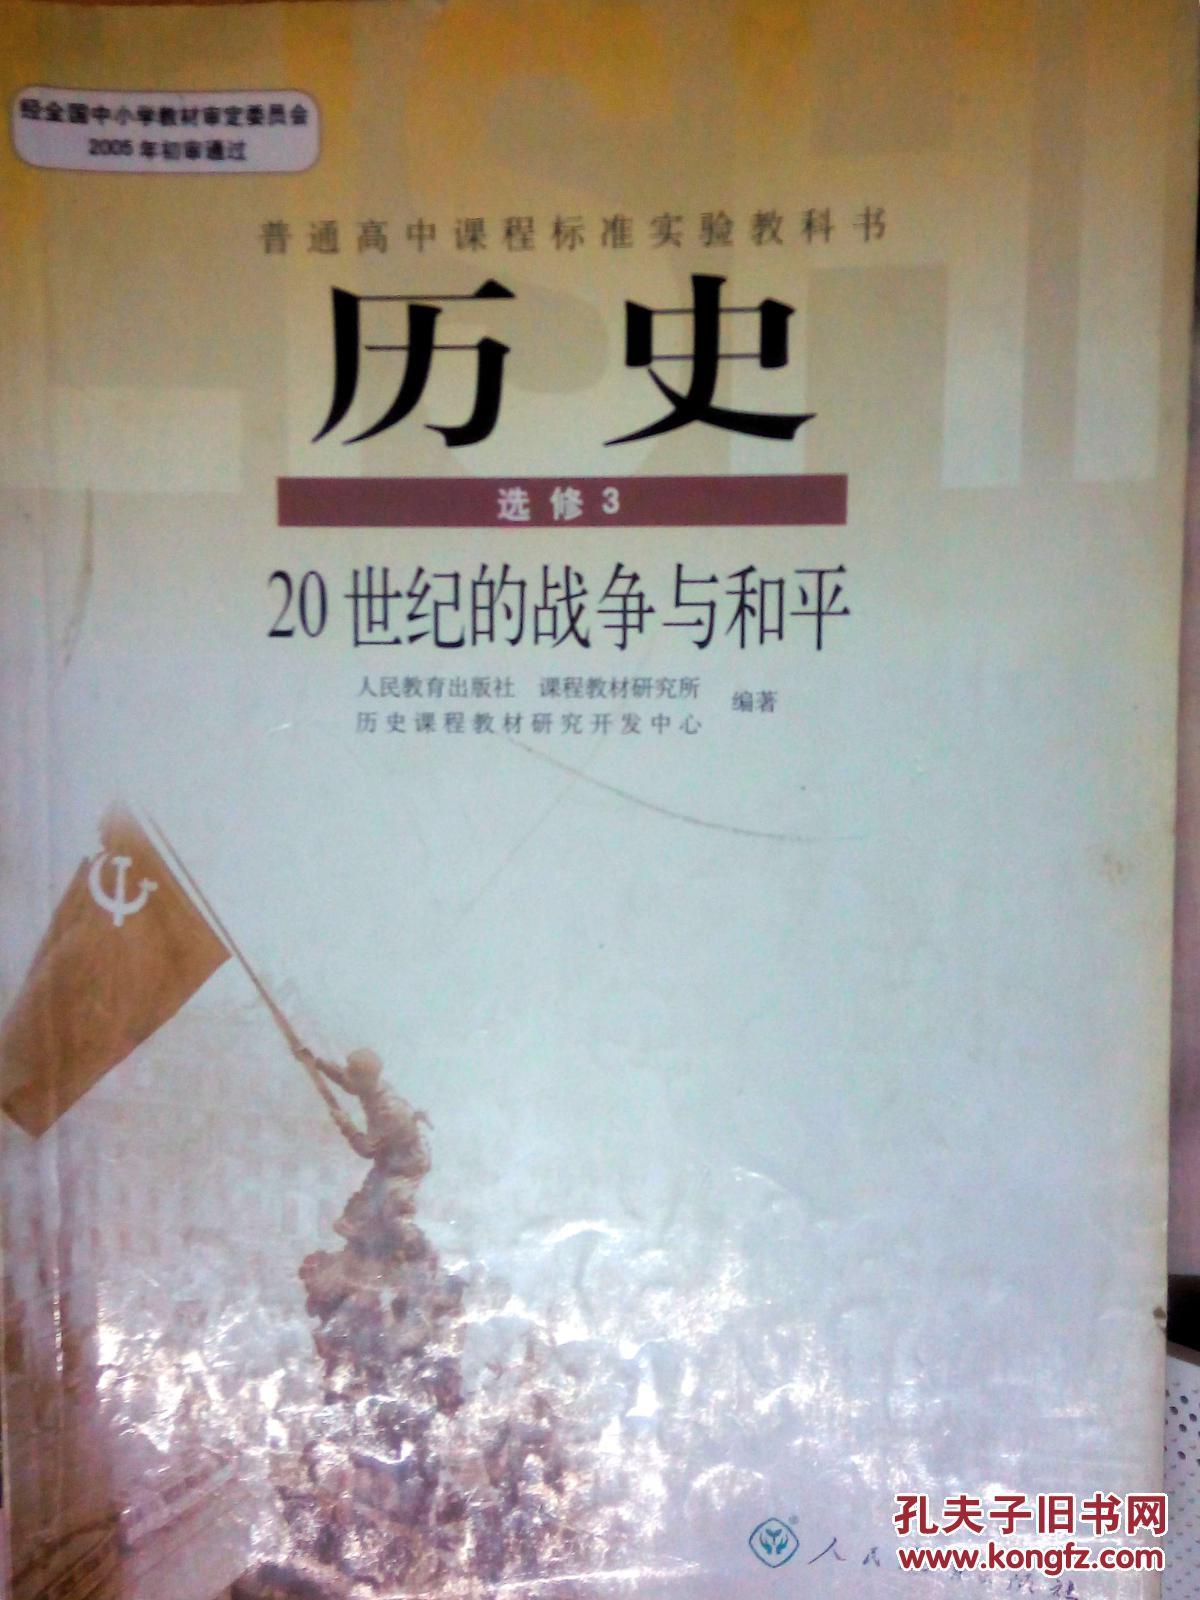 【图】历史世纪极限高中版高中选修3.20历史人教求怎么课本图片